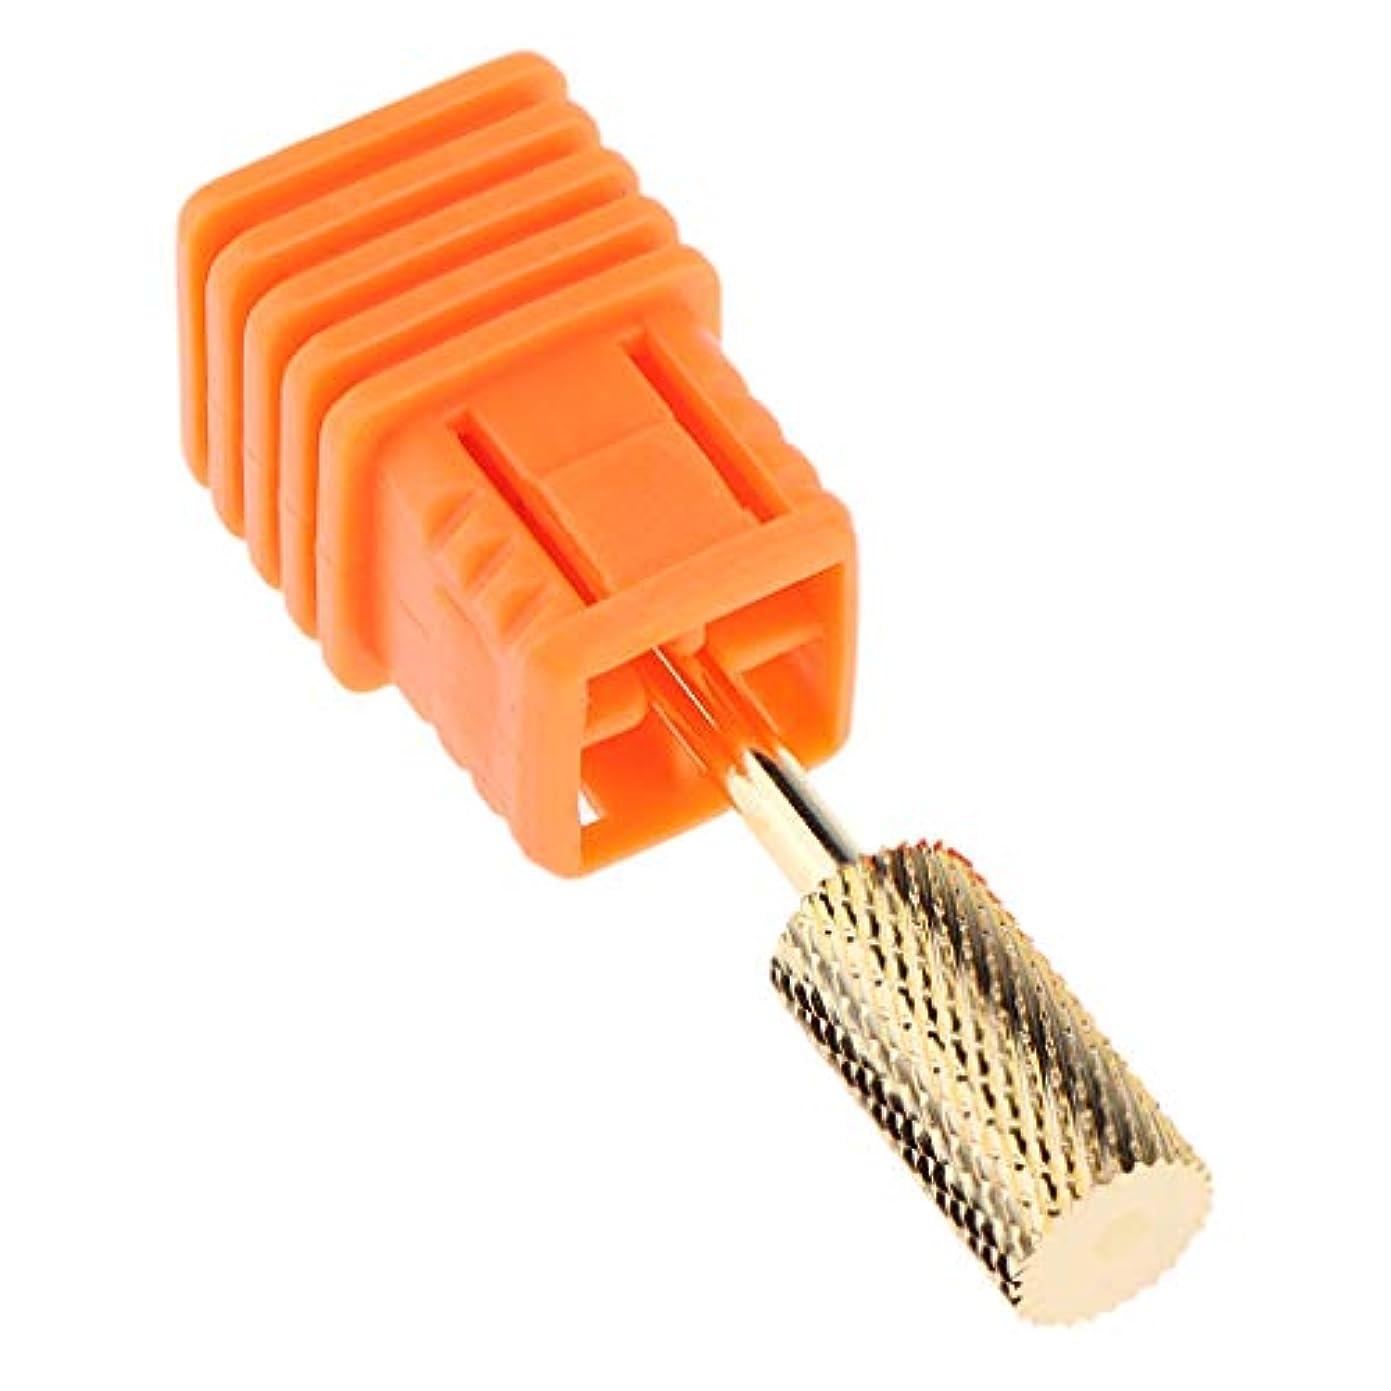 聖書亡命配管ネイルドリルビット ネイルビット ネイルチップ 耐久性 ネイル道具 6スタイル選べ - M